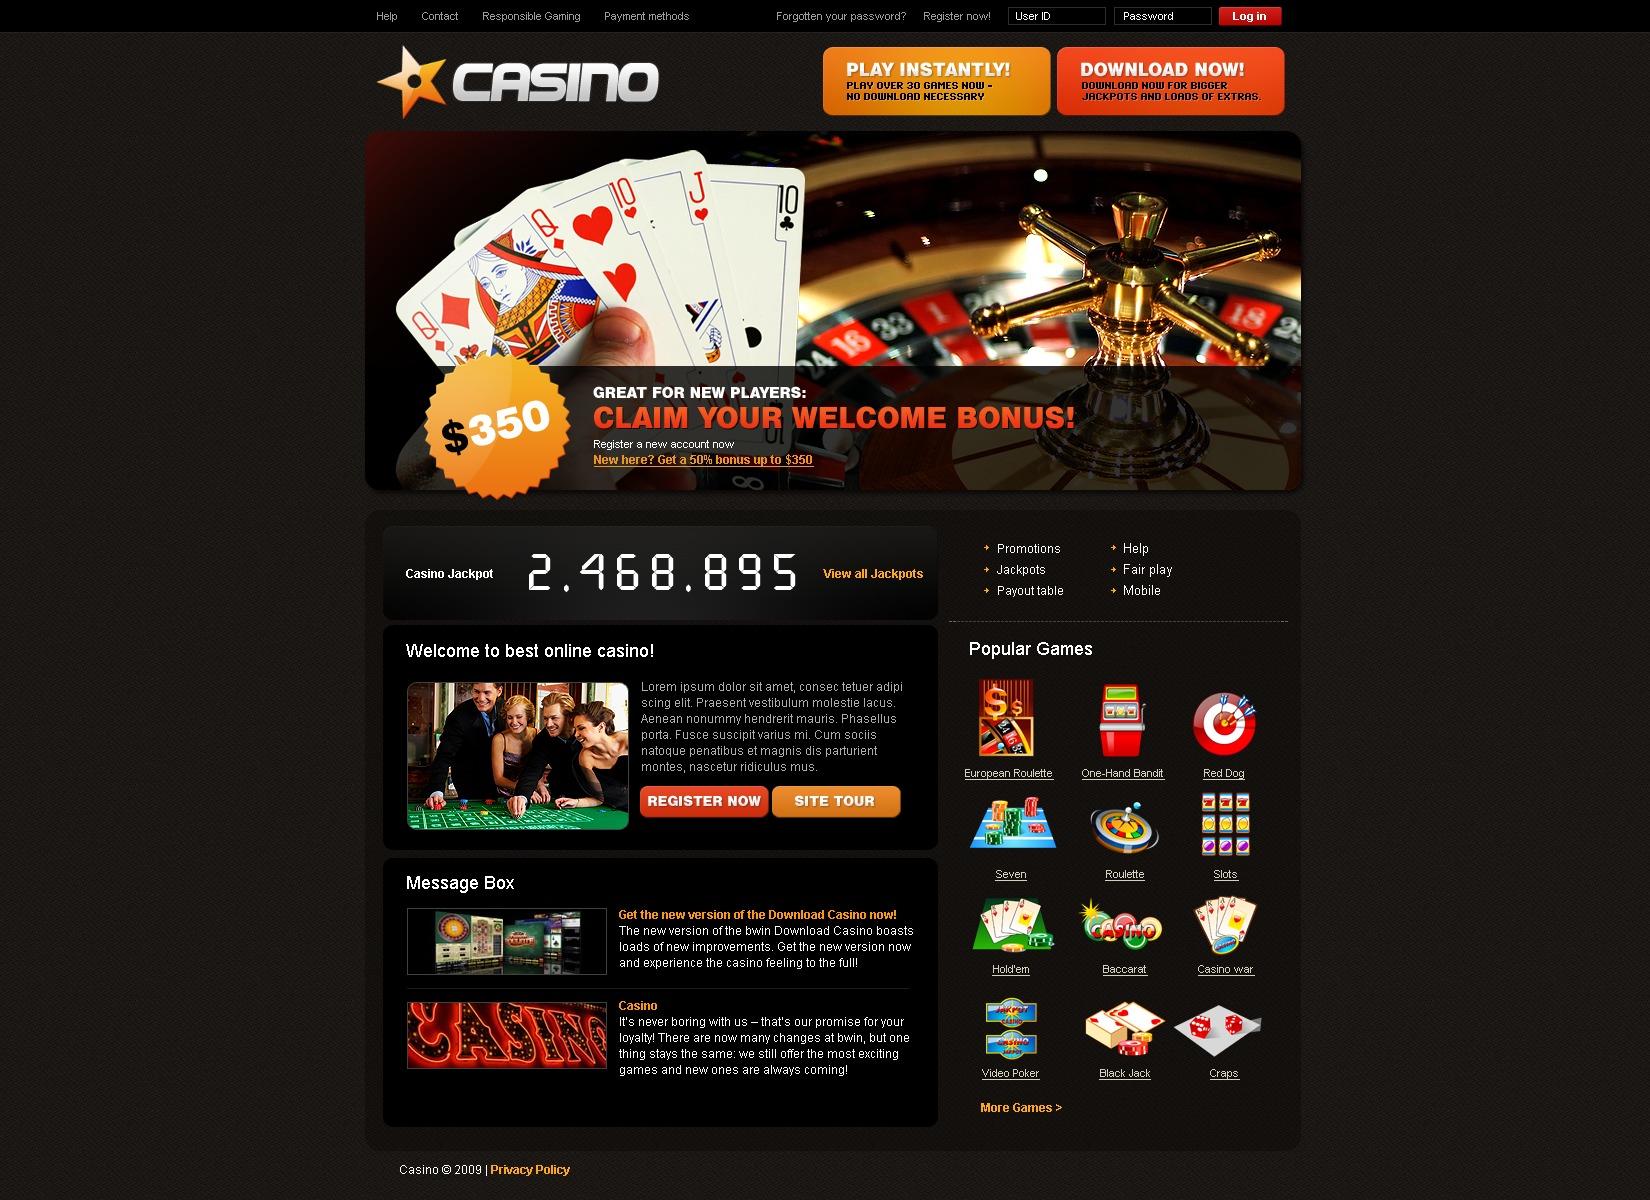 Игровых автоматов представляет рейтинг самых лучших онлайн казино создавался руками игровые автоматы сыктывкар